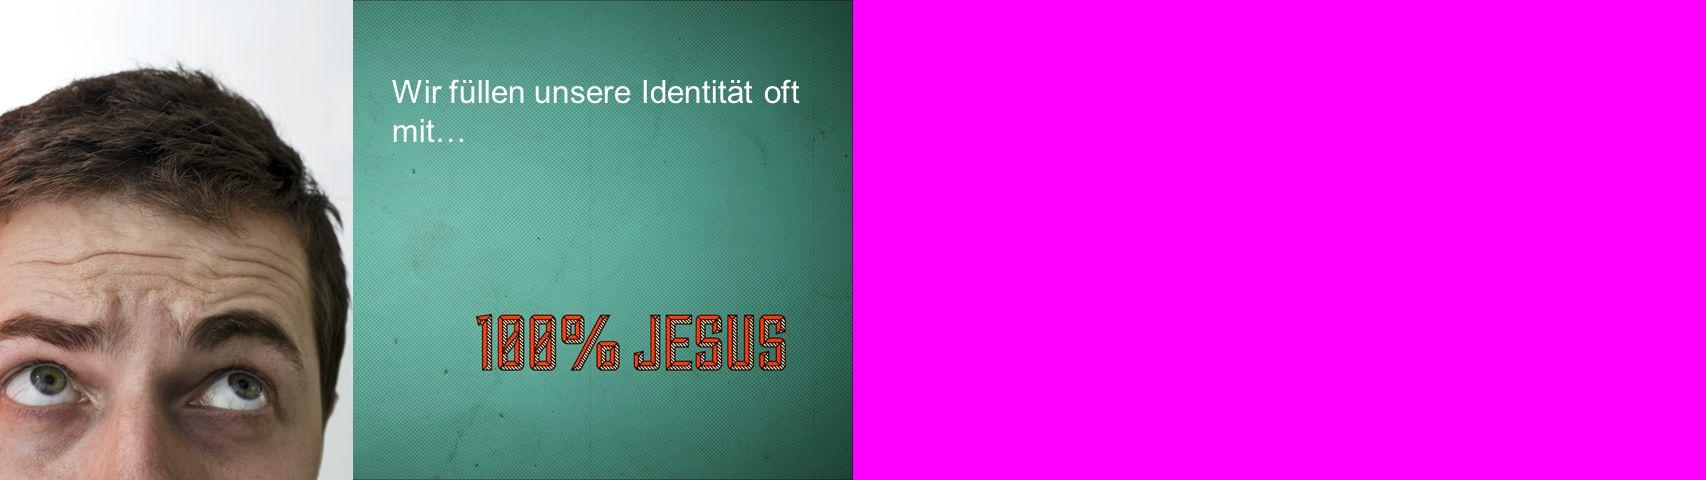 EGOISMUS «Also trennt euch ganz entschieden von allen selbstsüchtigen Wünschen, wie sie für diese Welt kennzeichnend sind!» Die Bibel, Kolosser 3,5a